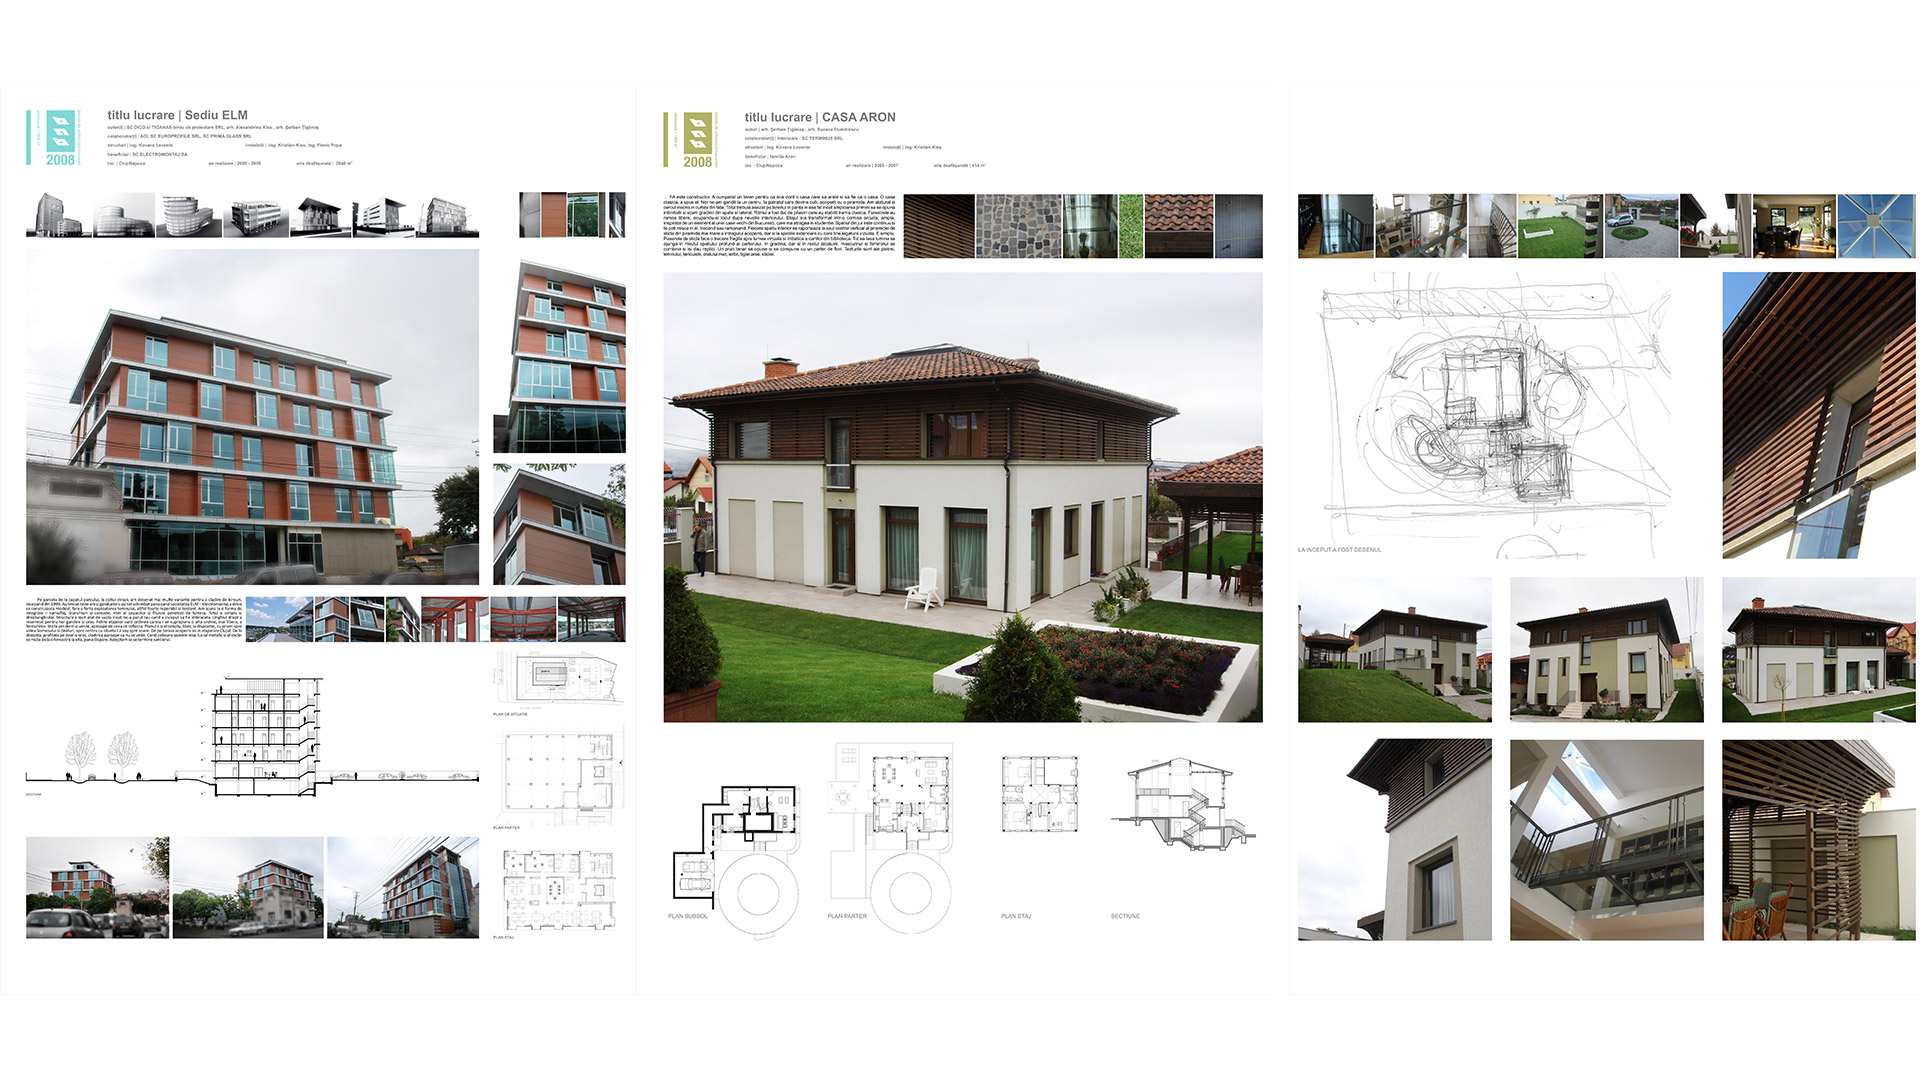 Expoziția Bienalei de Arhitectură, București, 2008